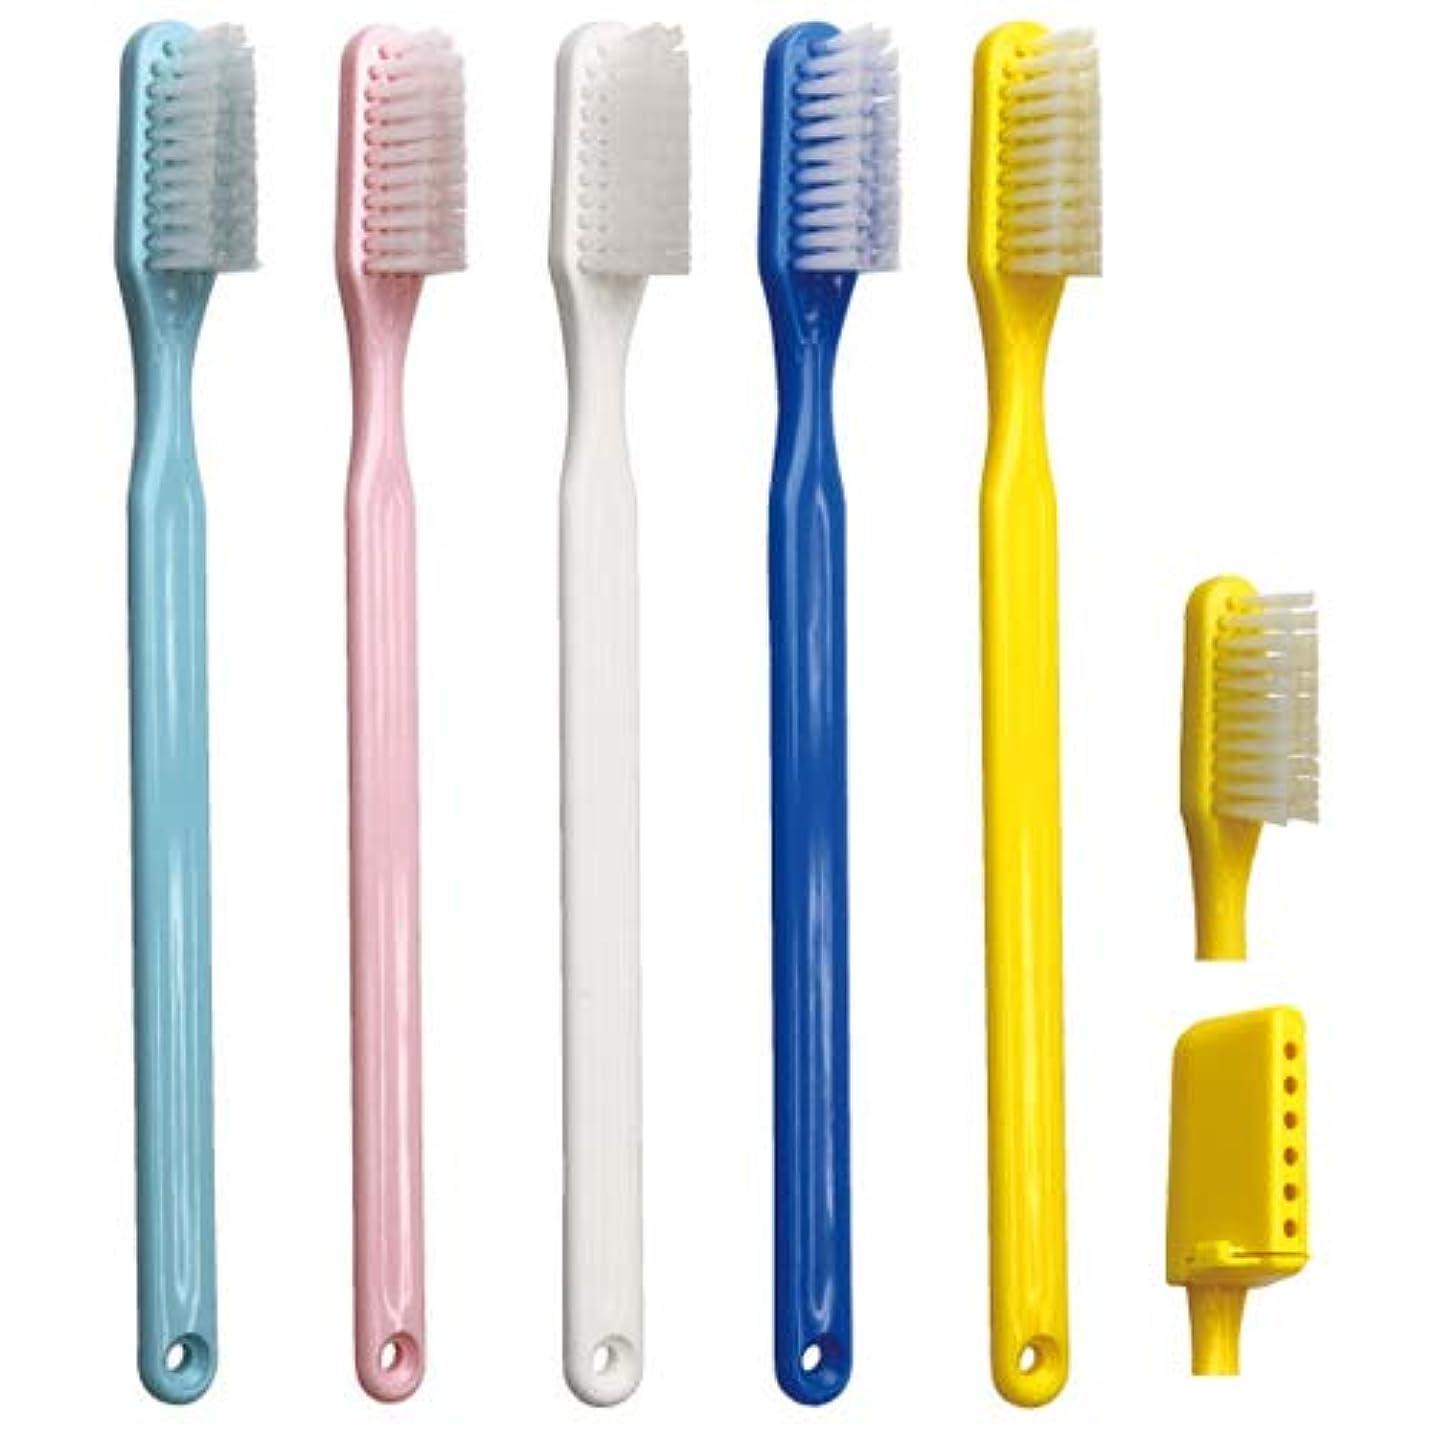 フライカイト割り当てる想像力豊かな歯科医院専用商品 PHB 歯ブラシ アダルト5本セット( 歯ブラシキャップ付)ライトブルー?ピンク?ホワイト?ネオンブルー?イエロー